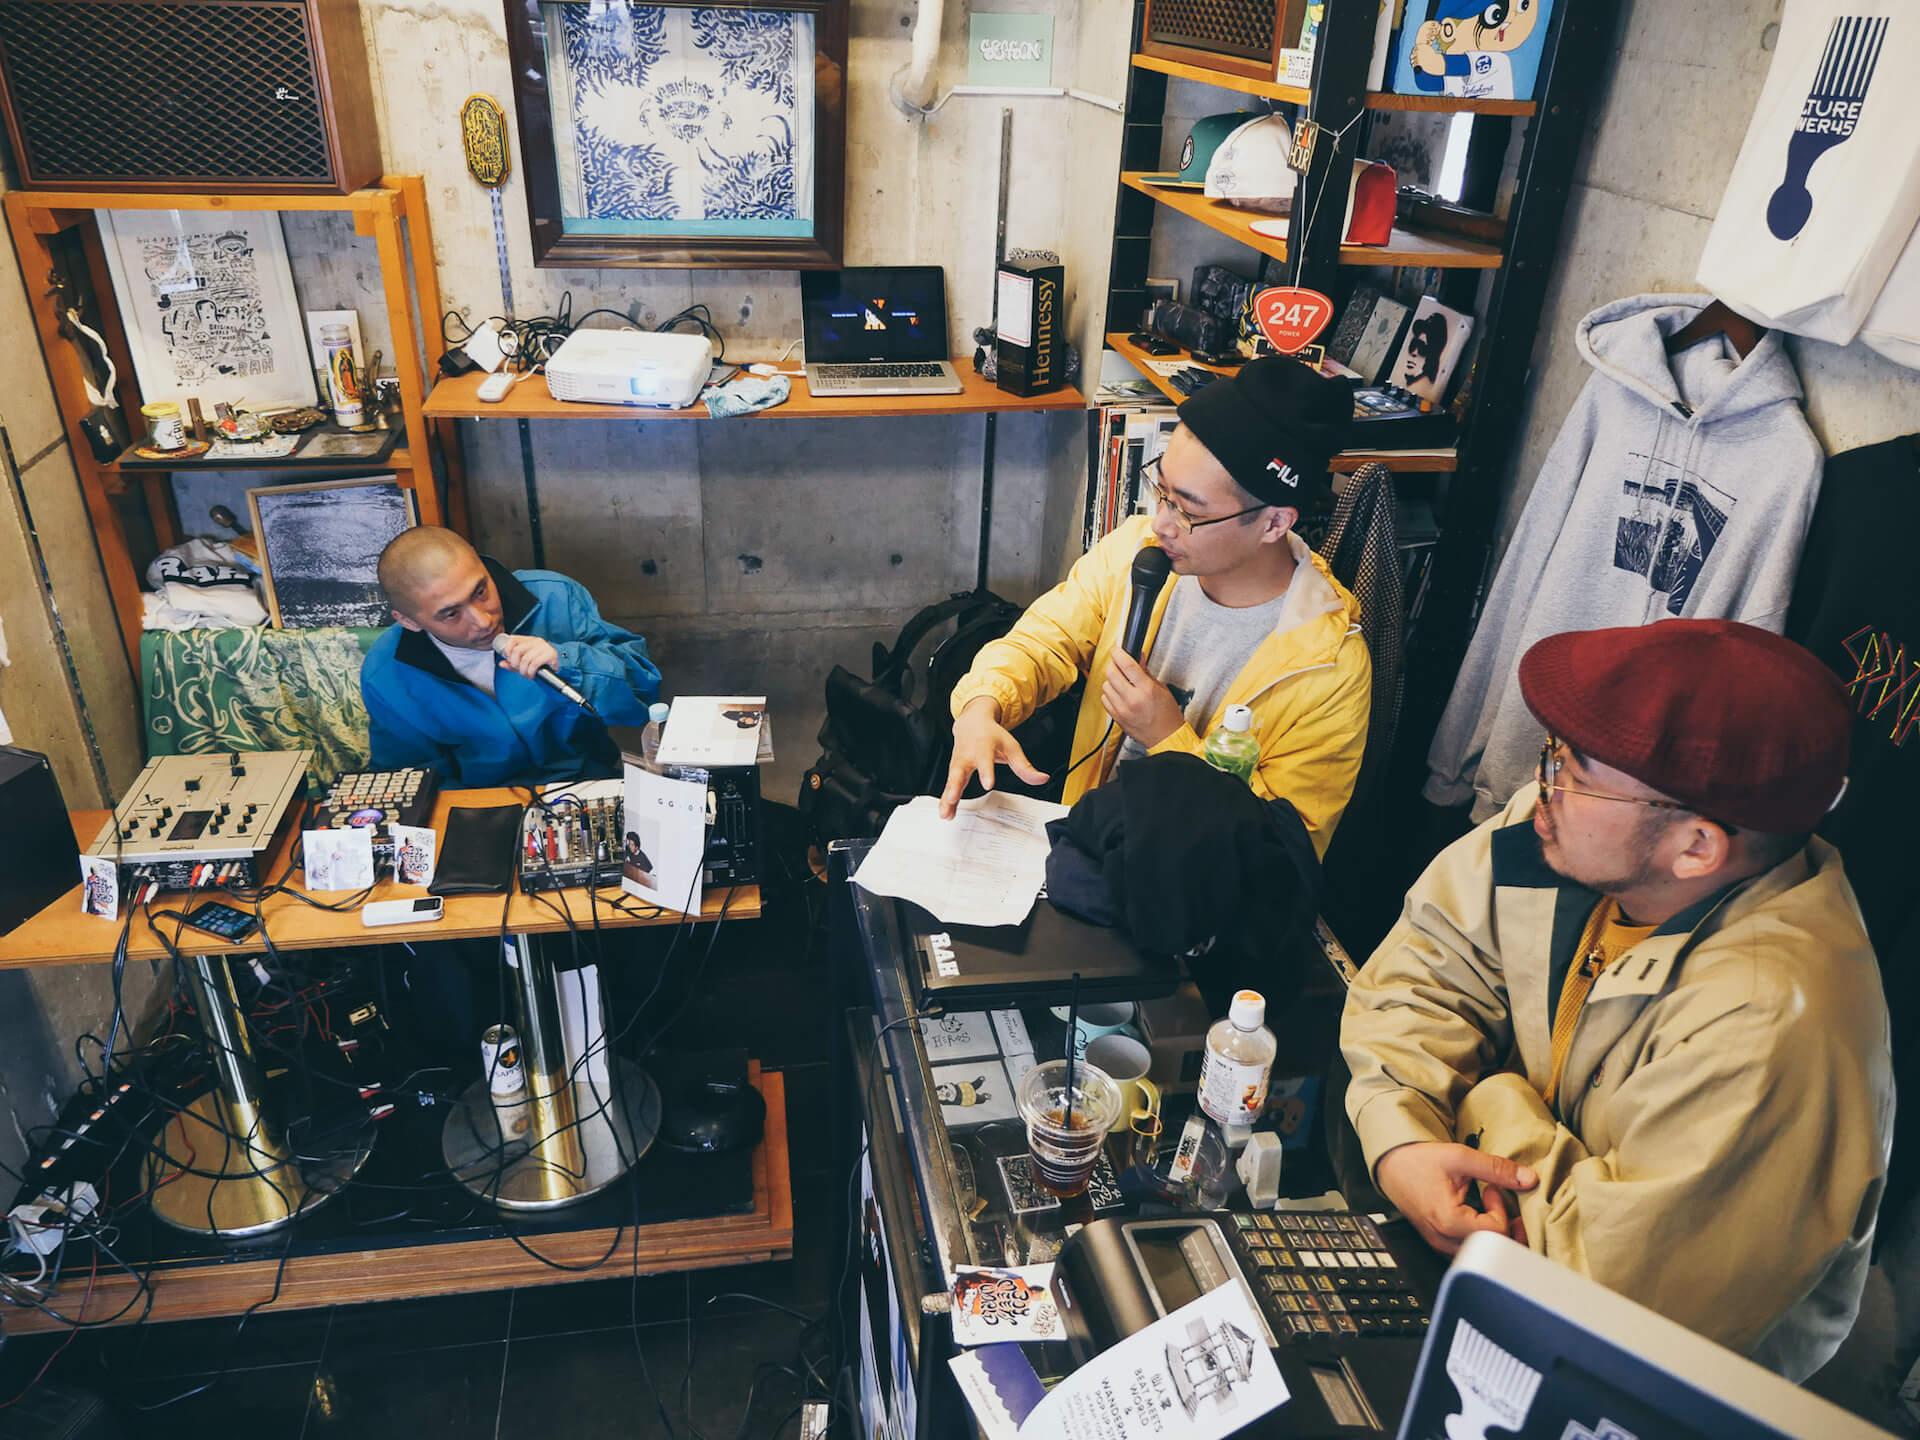 ビートは世界と出会う――BEAT MEETS WORLD x WANDERMAN POP UP in RAH YOKOHAMA REPORT interview-beat-meets-world-pop-up-report-6